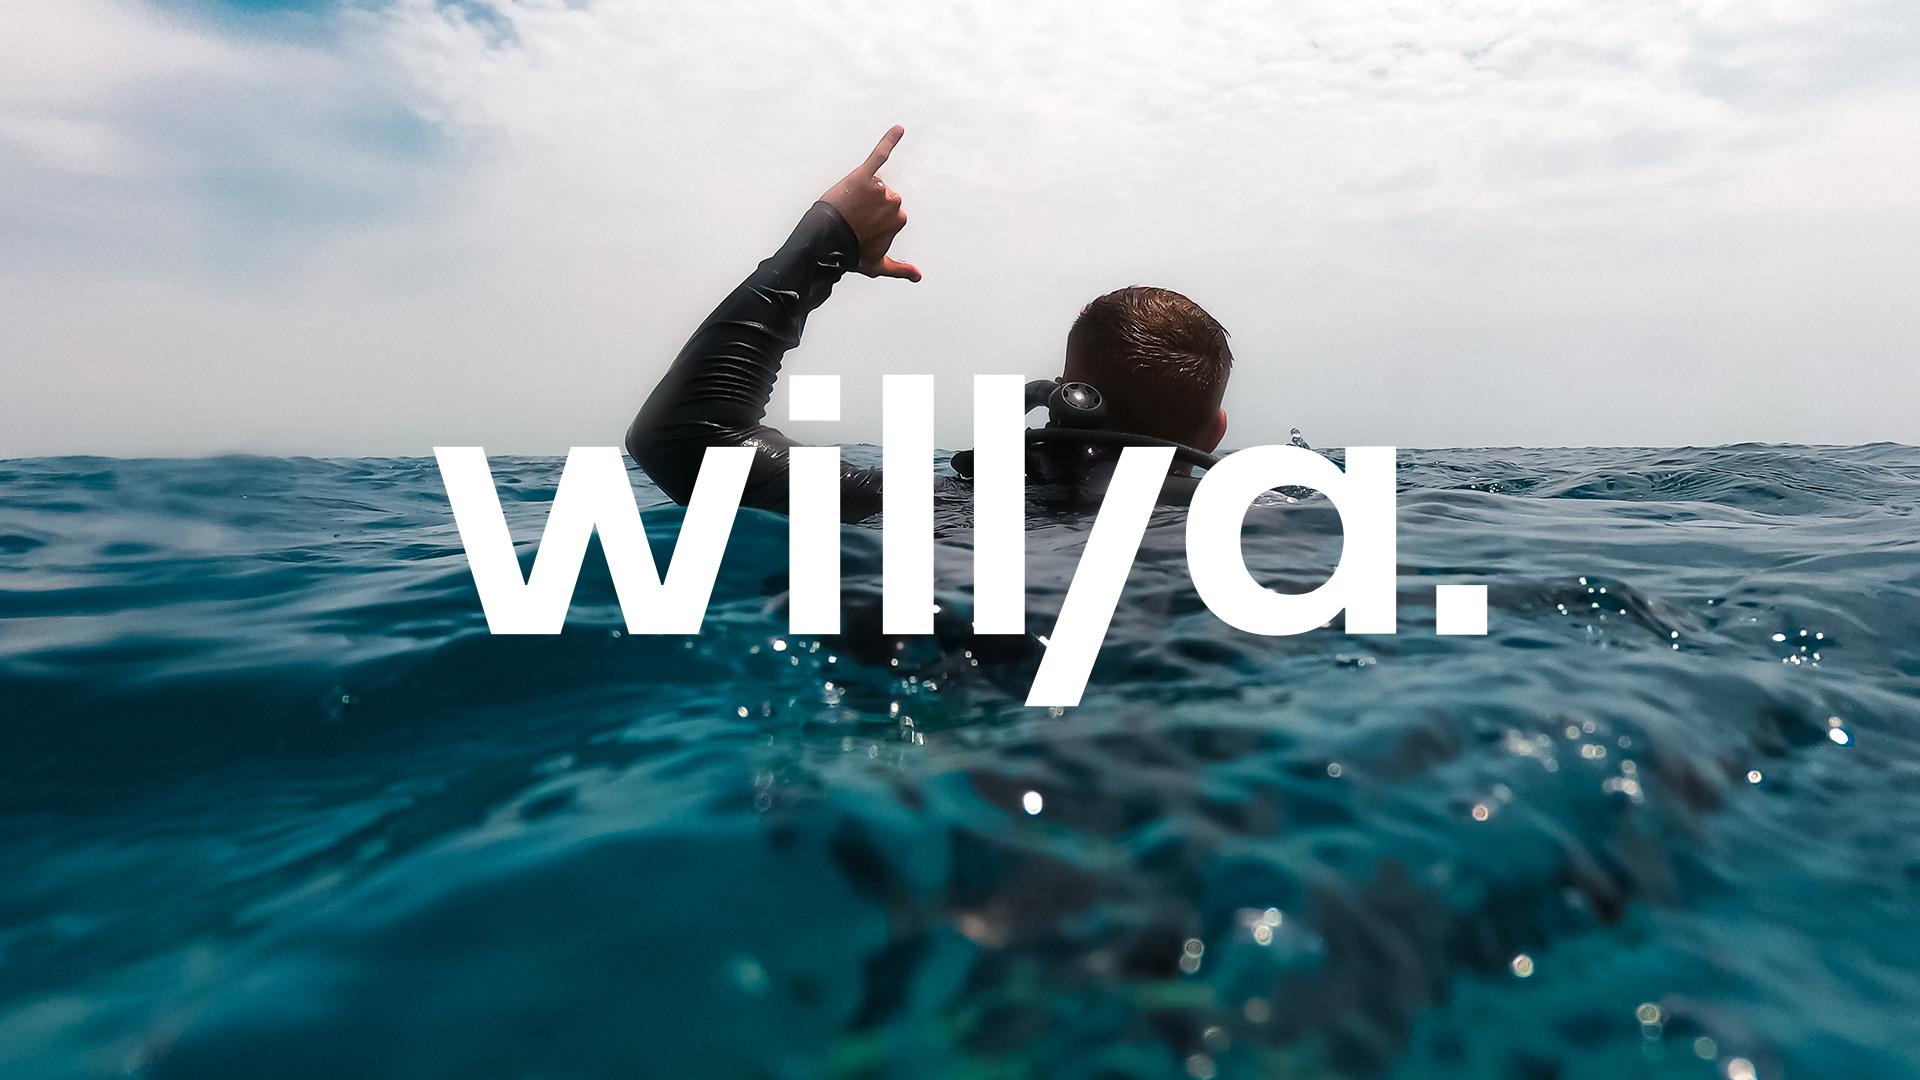 06.4_WYA_Case_Image